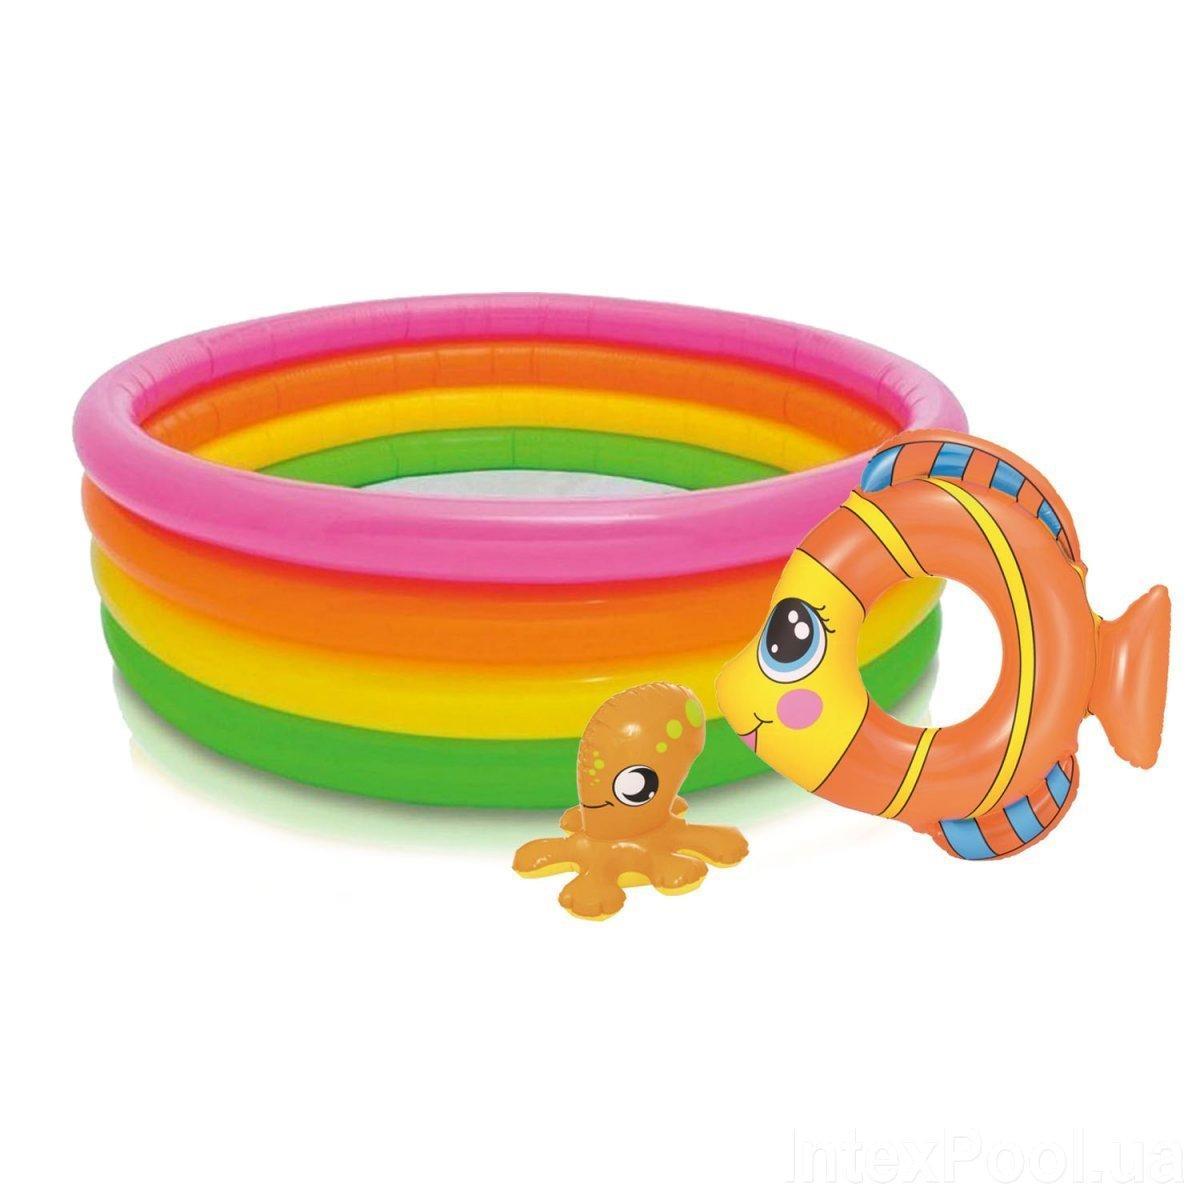 Детский надувной бассейн Intex 56441-2, 168 х 46 см, с кругом, с игрушкой